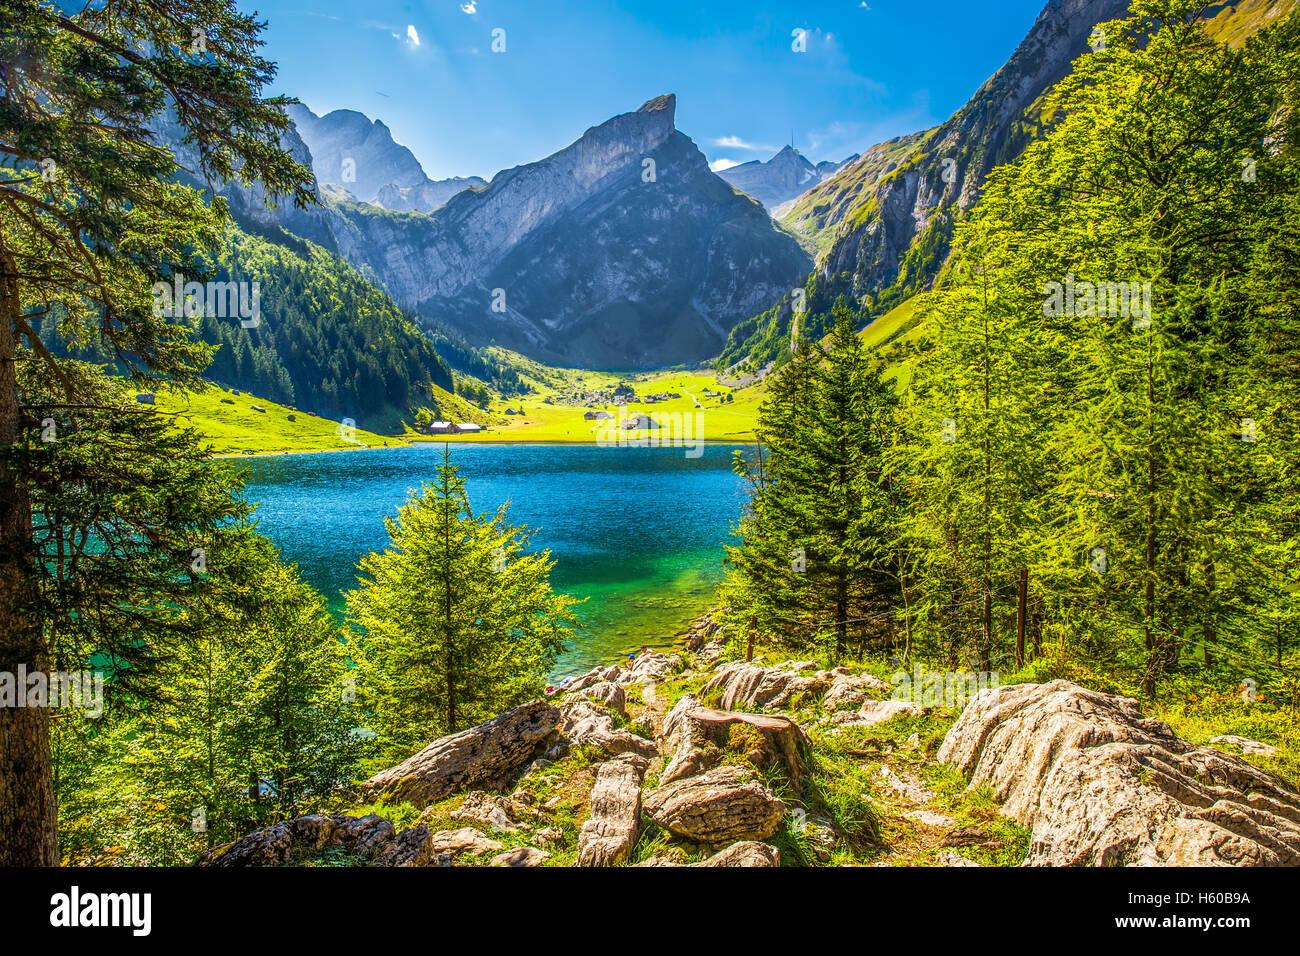 Tourquise klar Seealpsee mit den Schweizer Alpen (Berg Santis) im Hintergrund, Appenzellerland, Schweiz Stockbild